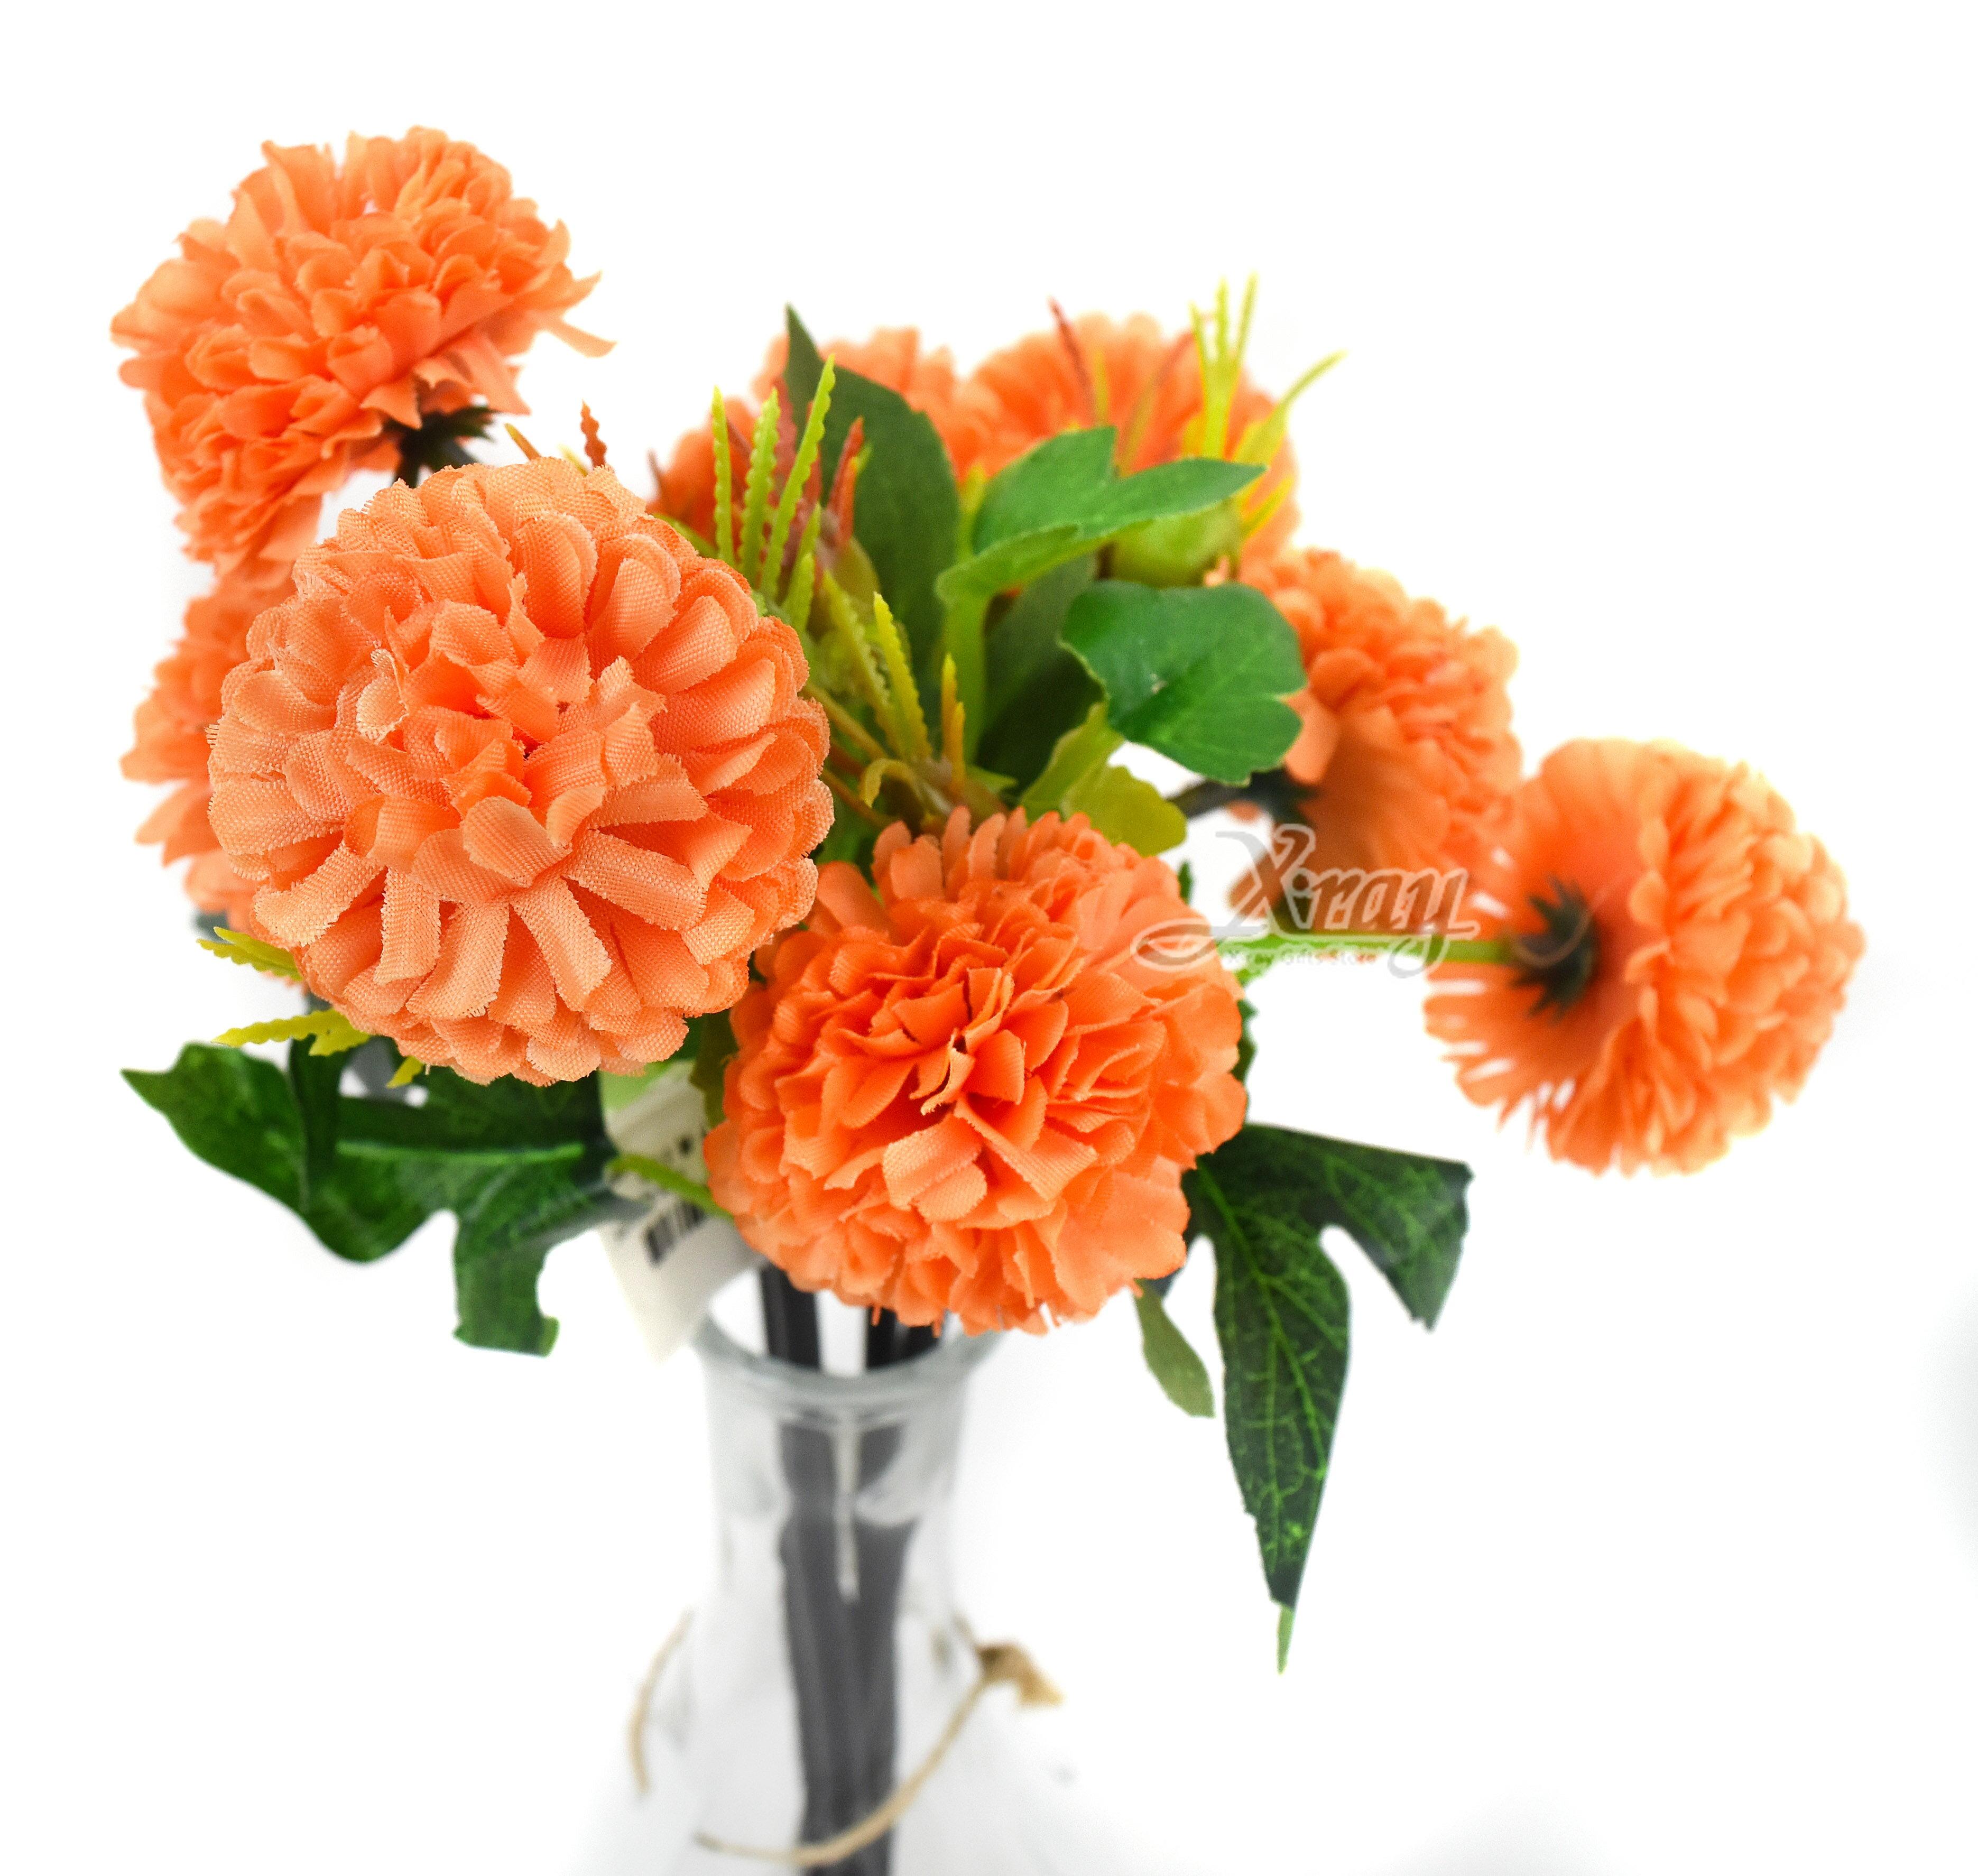 X射線【Y039030】乒乓菊-橘,仿真花 人造花  家飾 婚禮小物 佈置 裝飾 幼兒園 送禮  髮飾 活動佈置 花束 花園 陽台